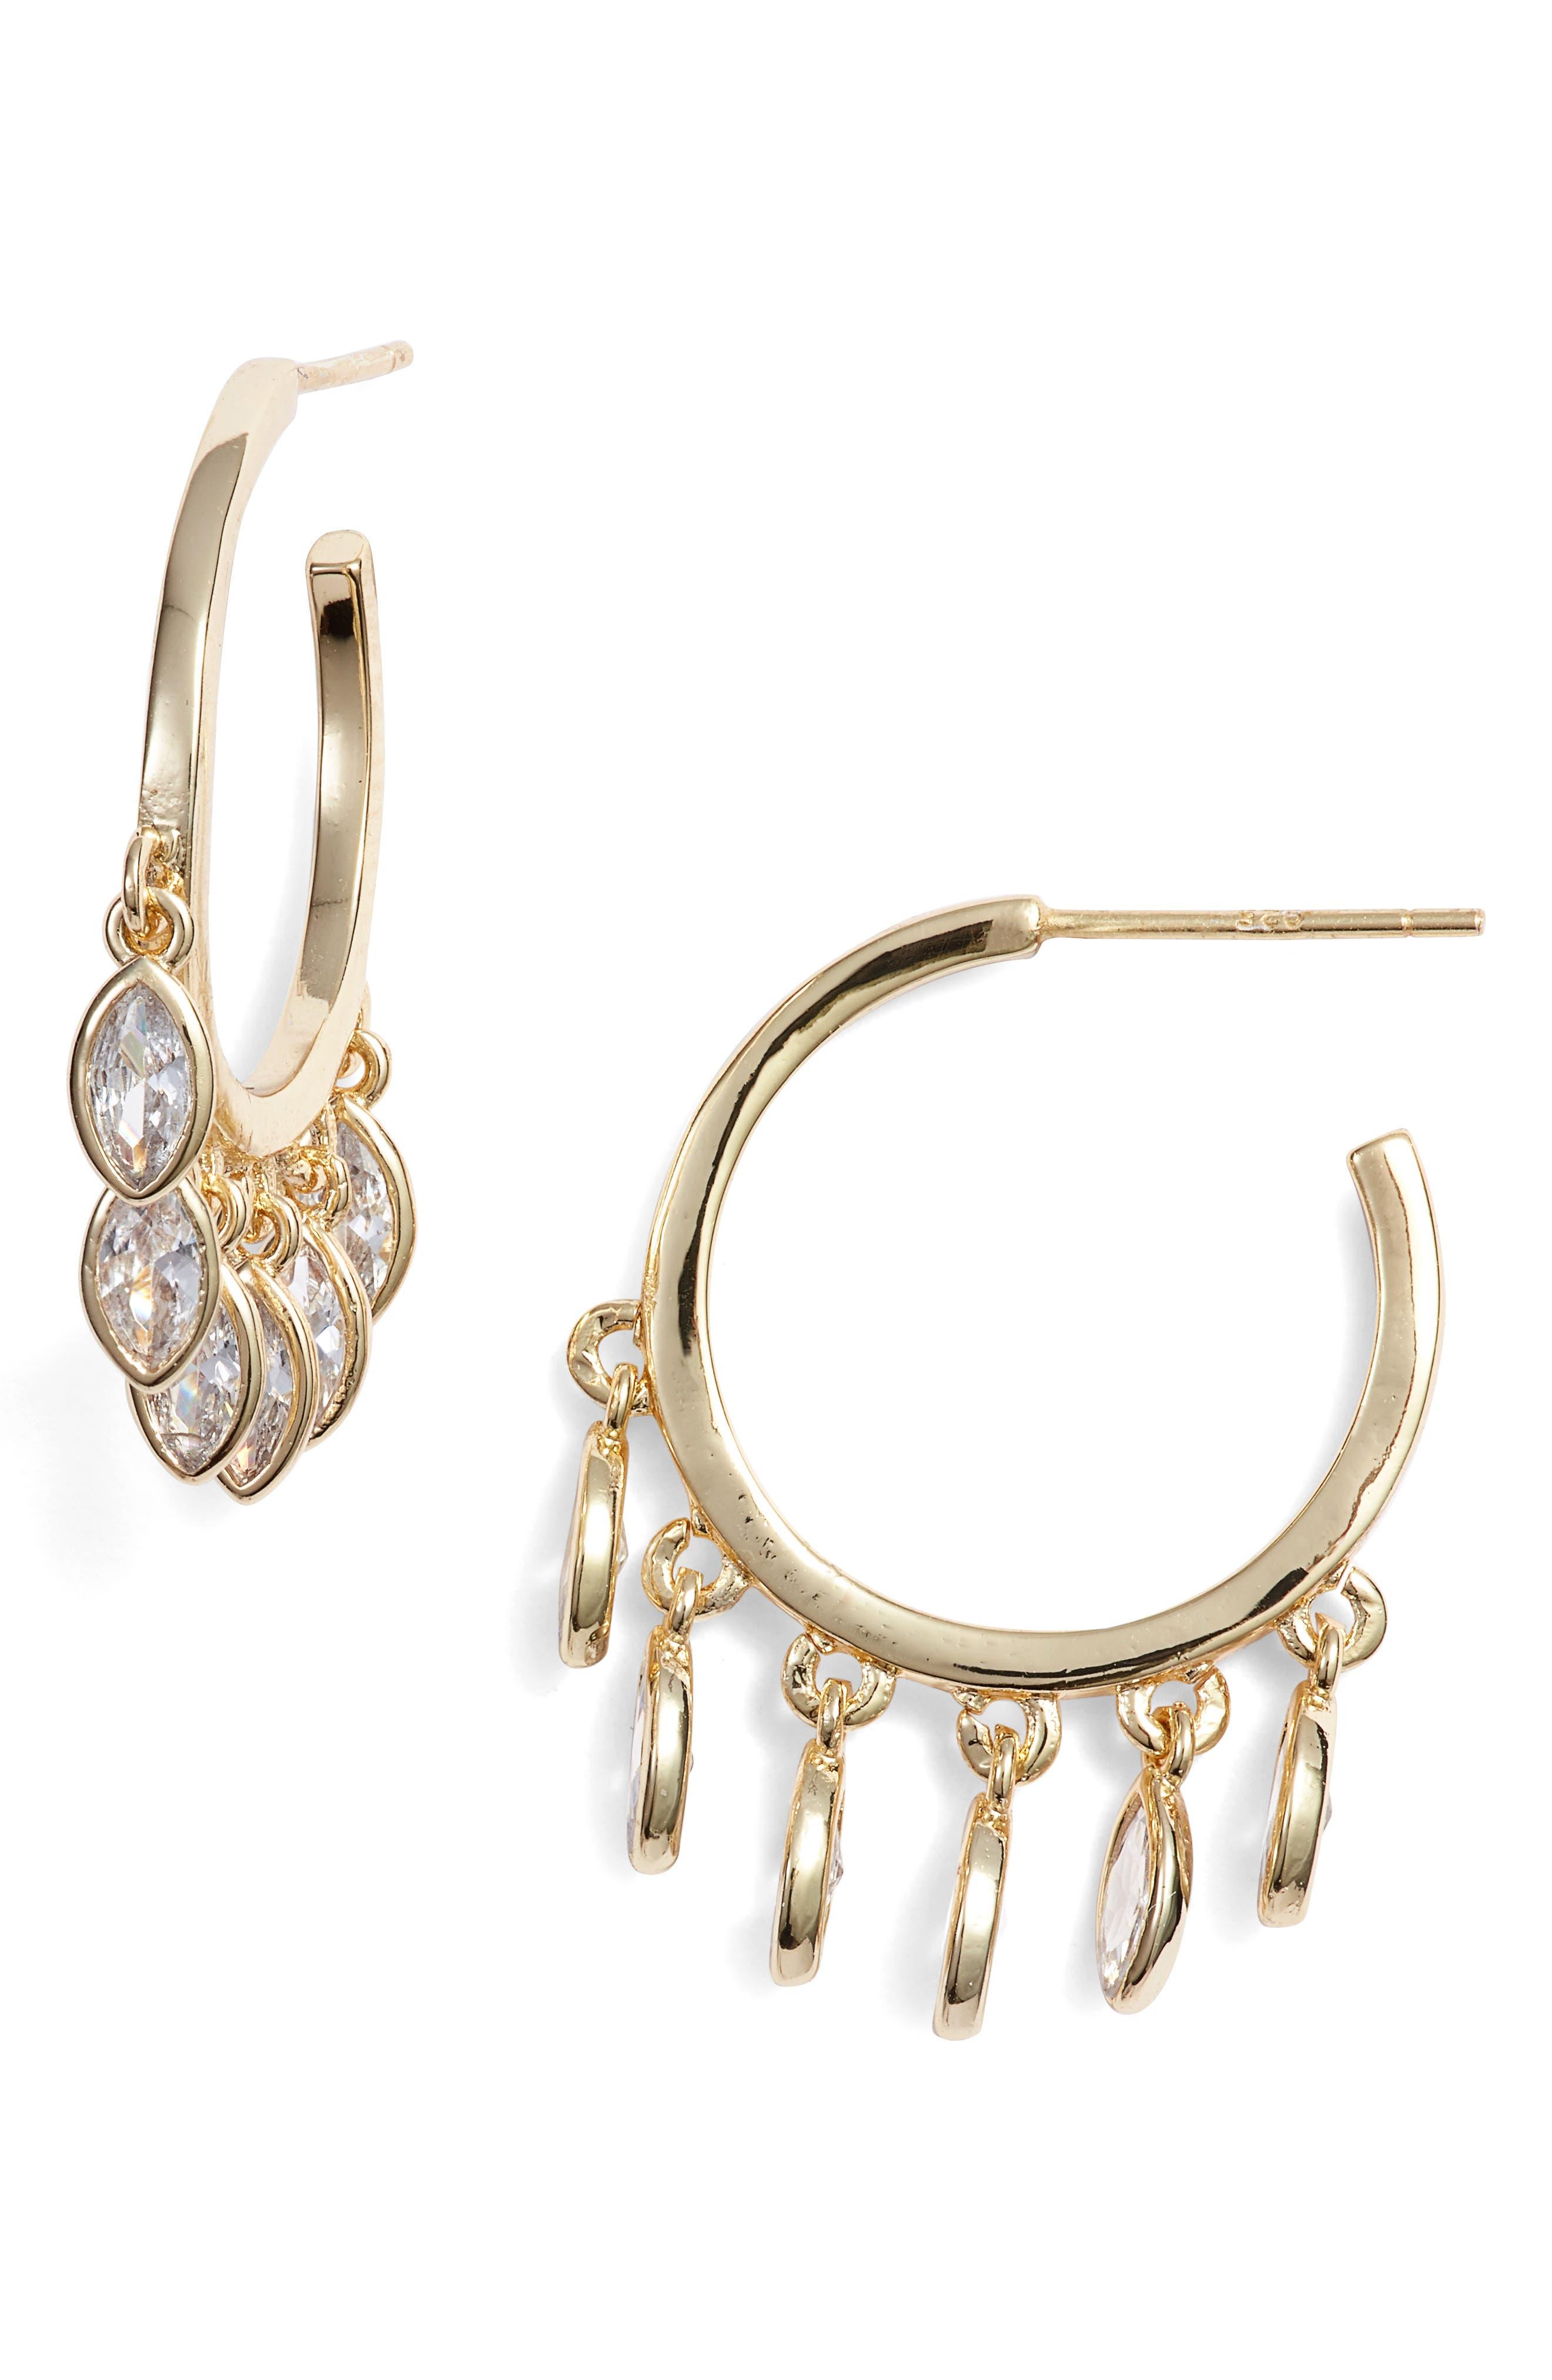 MELINDA MARIA Marquise Hoop Earrings in Clear/ Gold